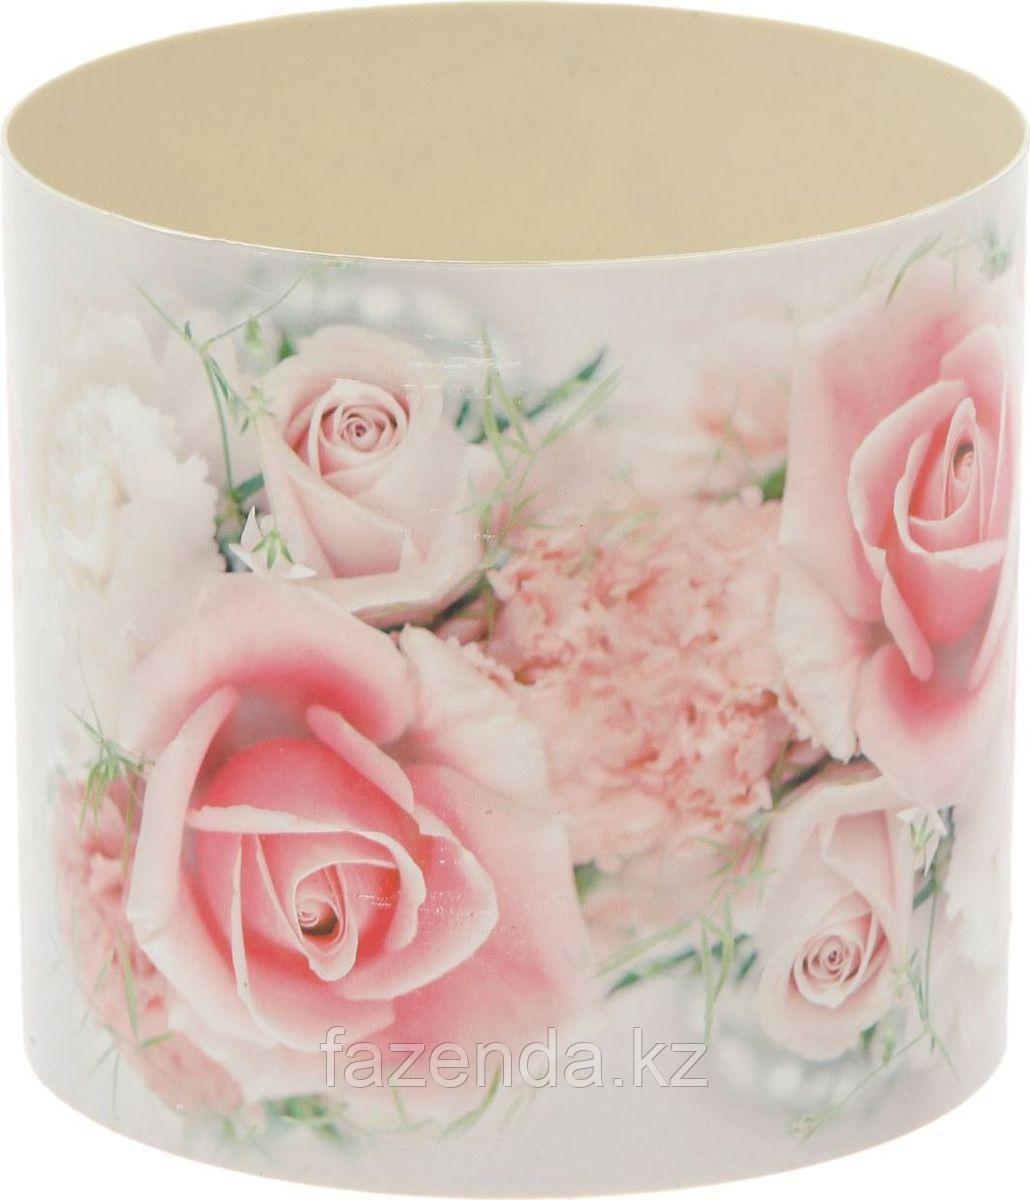 Горшок для цветов Розы